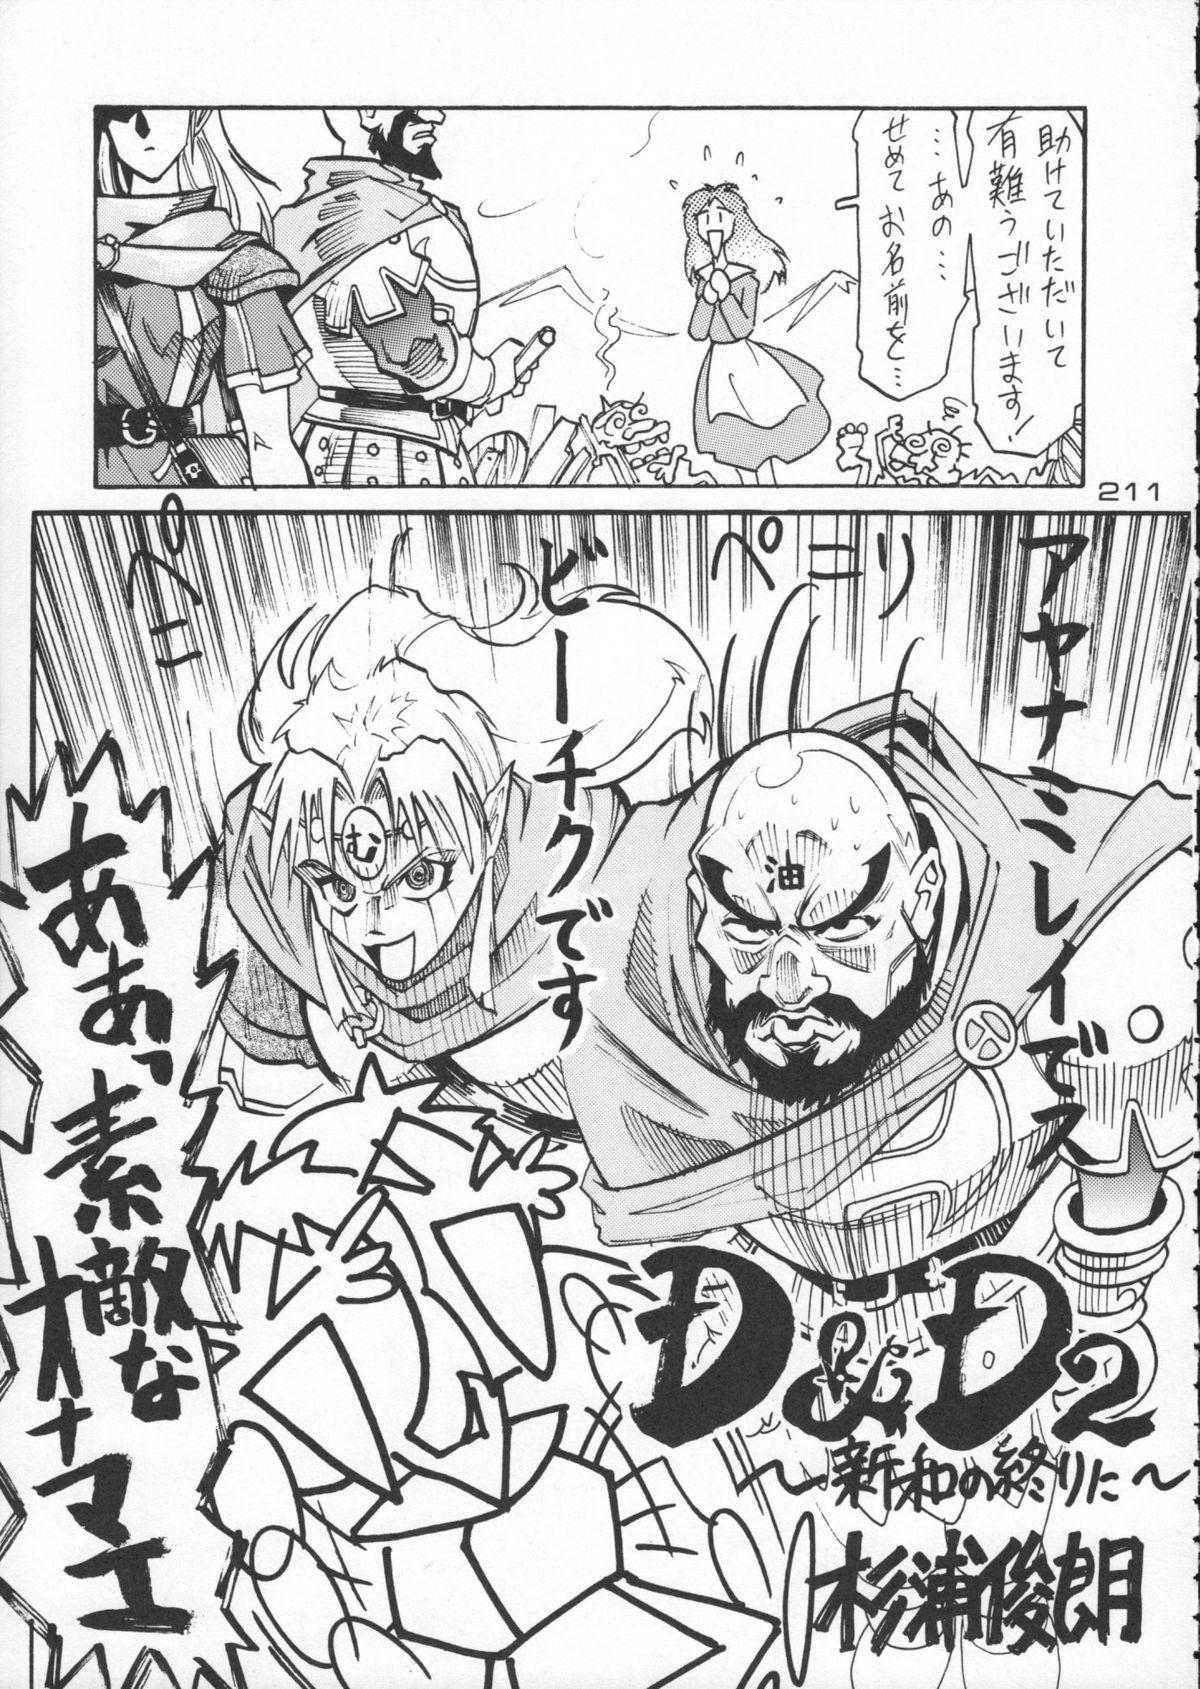 Godzilla vs Curry Aji 211